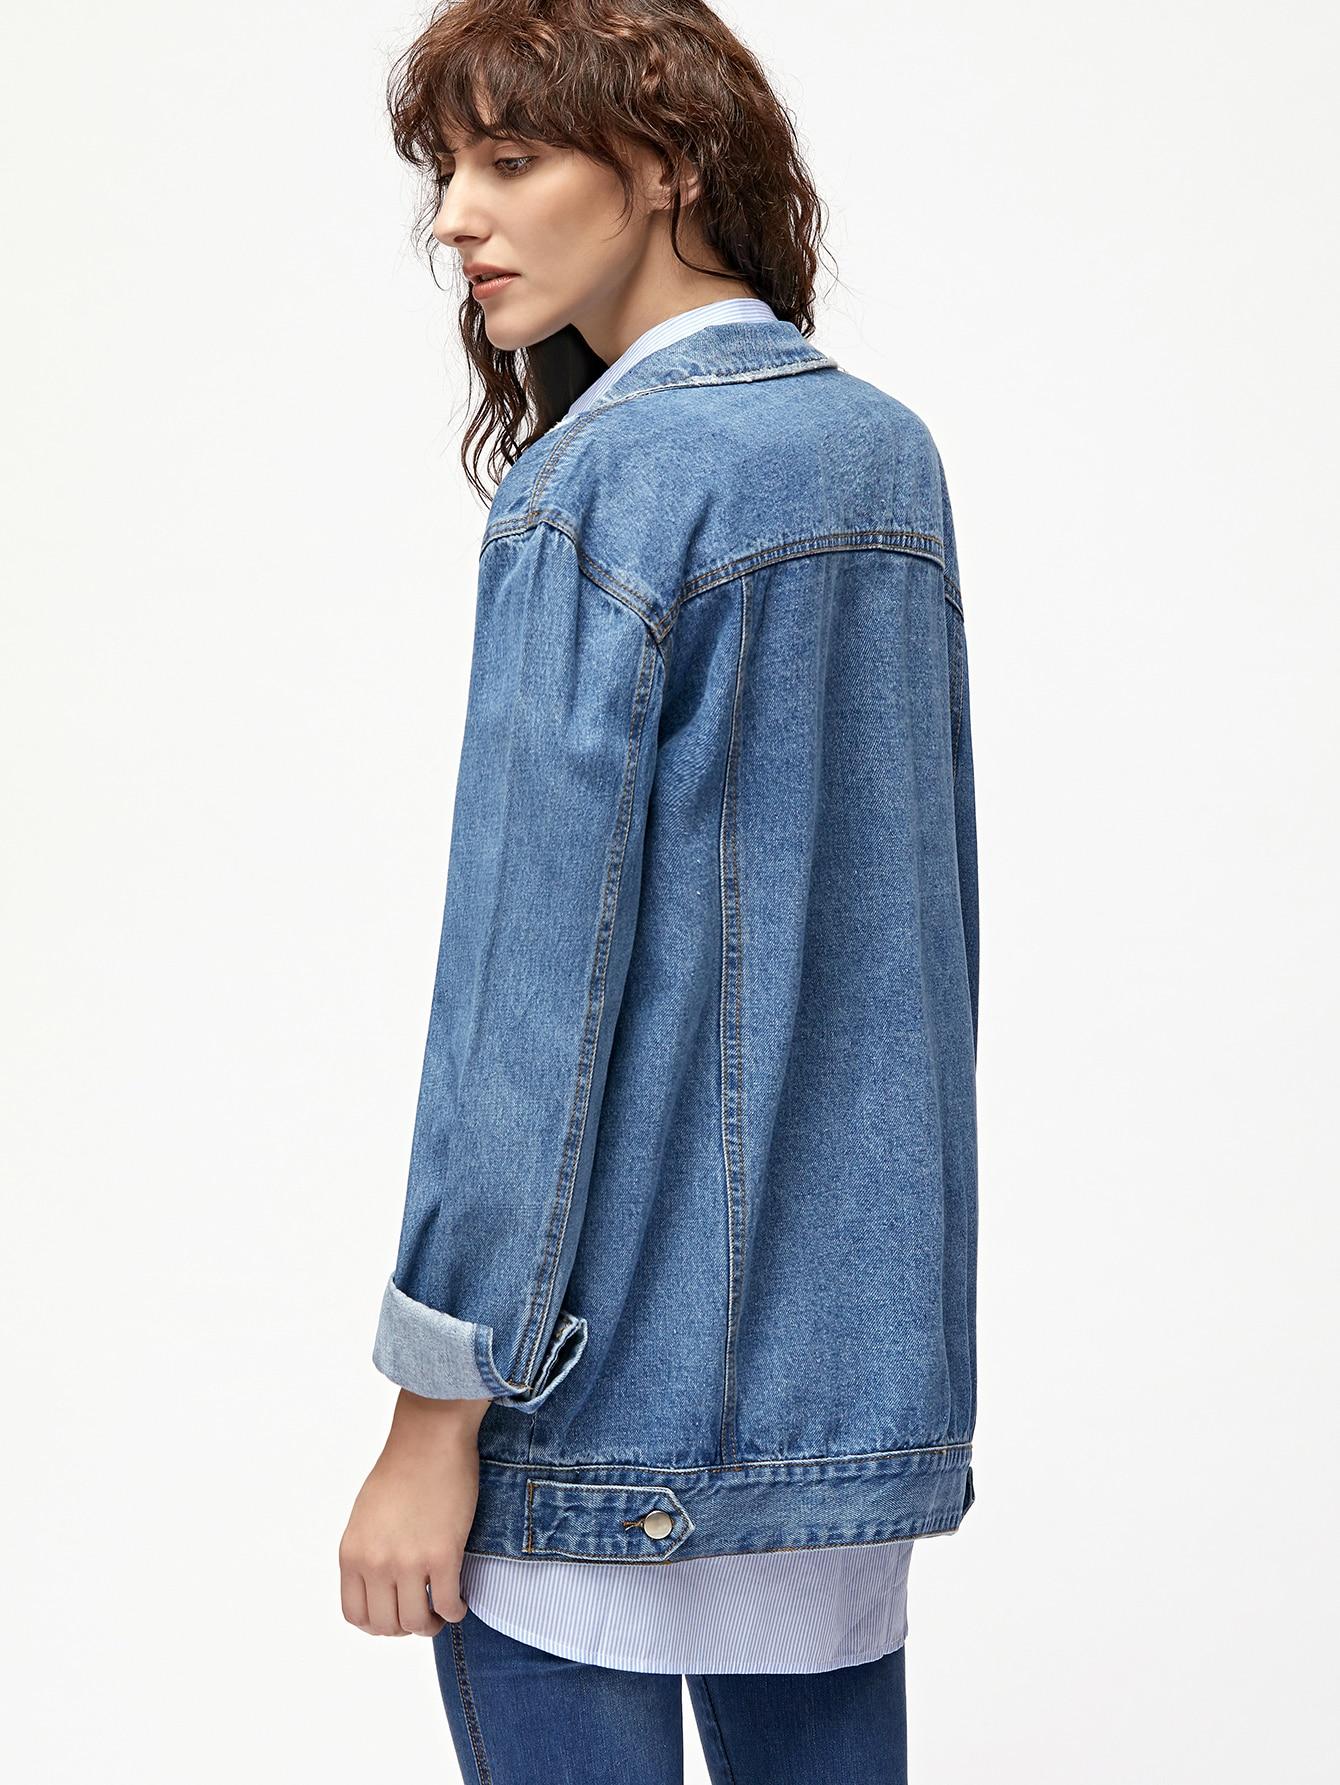 jacket161124454_2